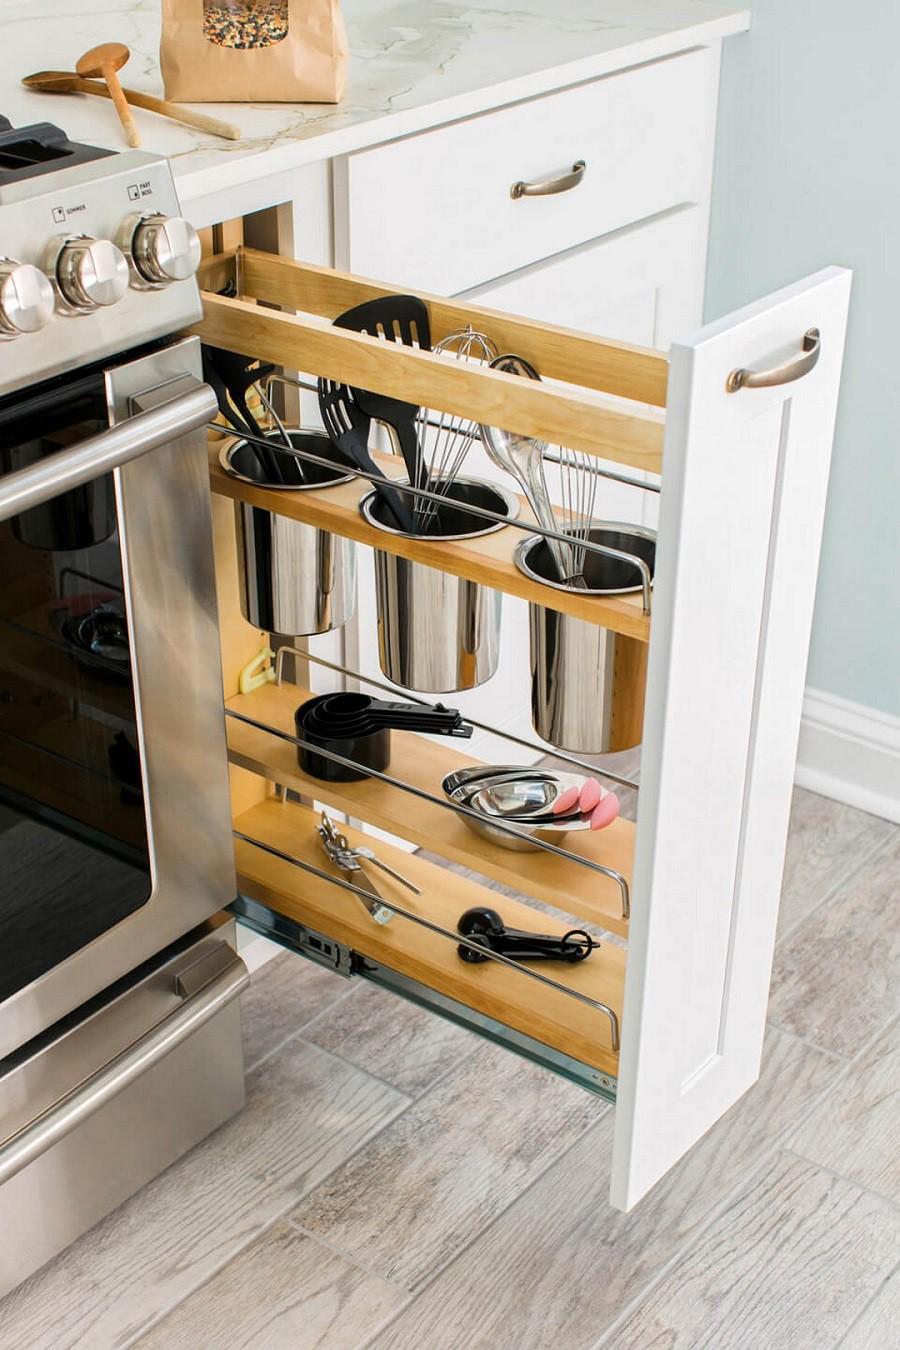 Muốn tủ bếp lúc nào cũng gọn gàng, ngăn nắp hãy tham khảo ngay những thiết kế lưu trữ đồ dùng làm bếp này - Ảnh 3.